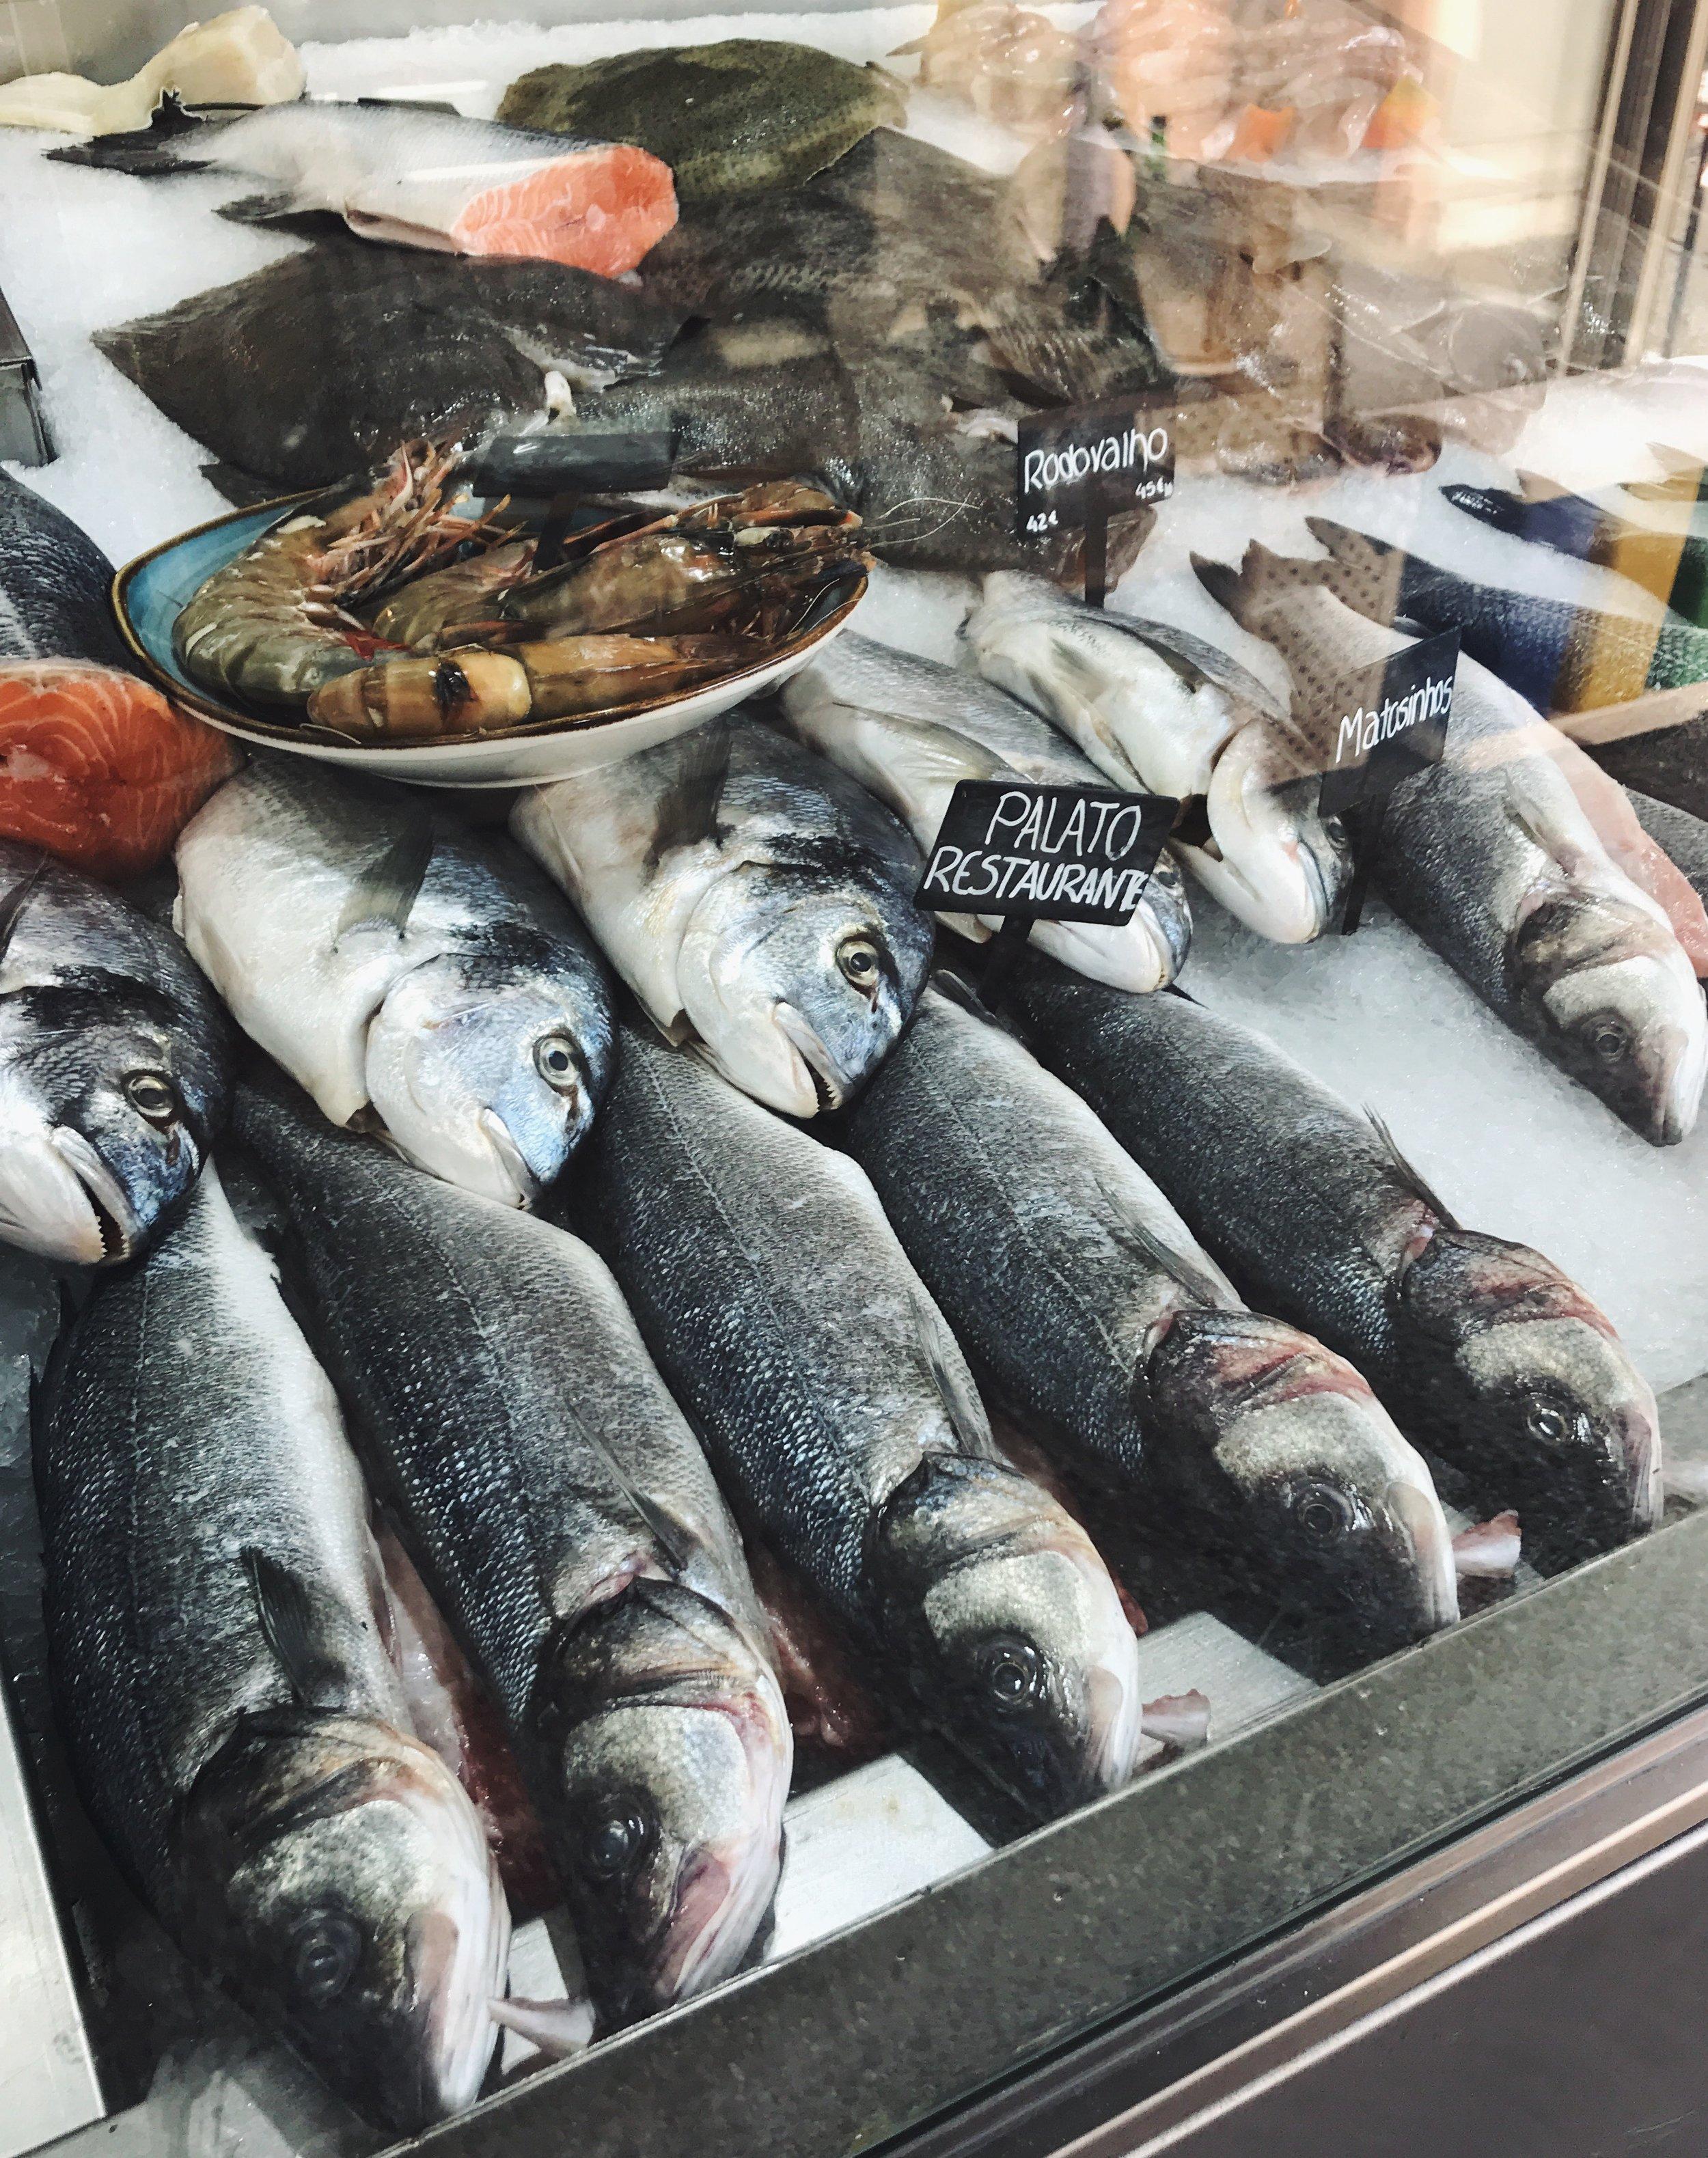 Bacalhau or cod fish on display at a restaurant on Rua Heróis de França.